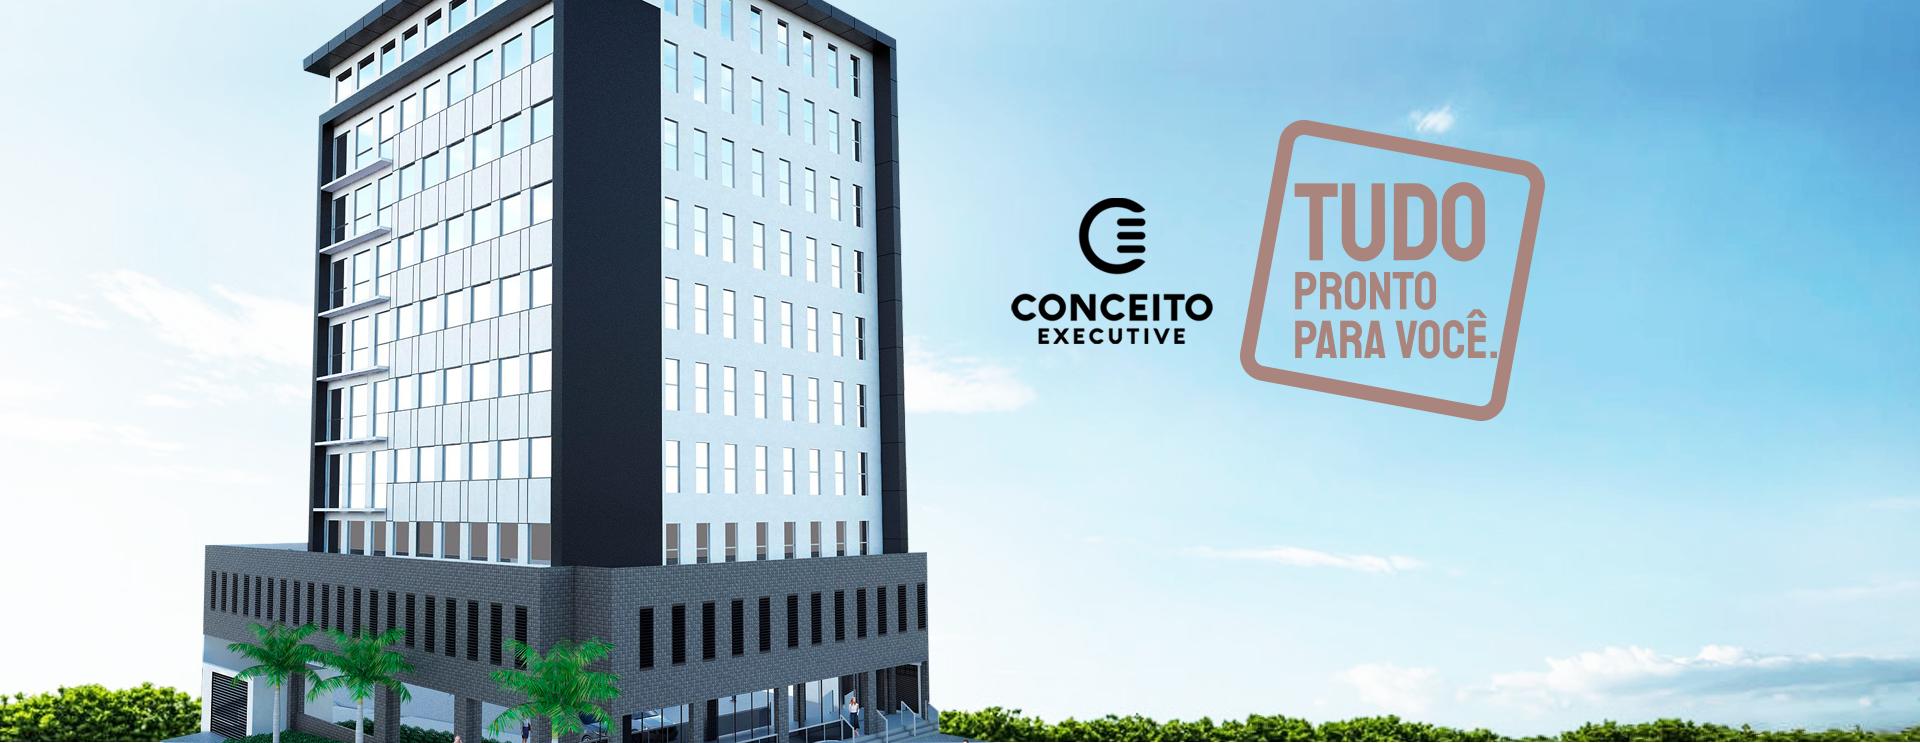 Banner Conceito Executive